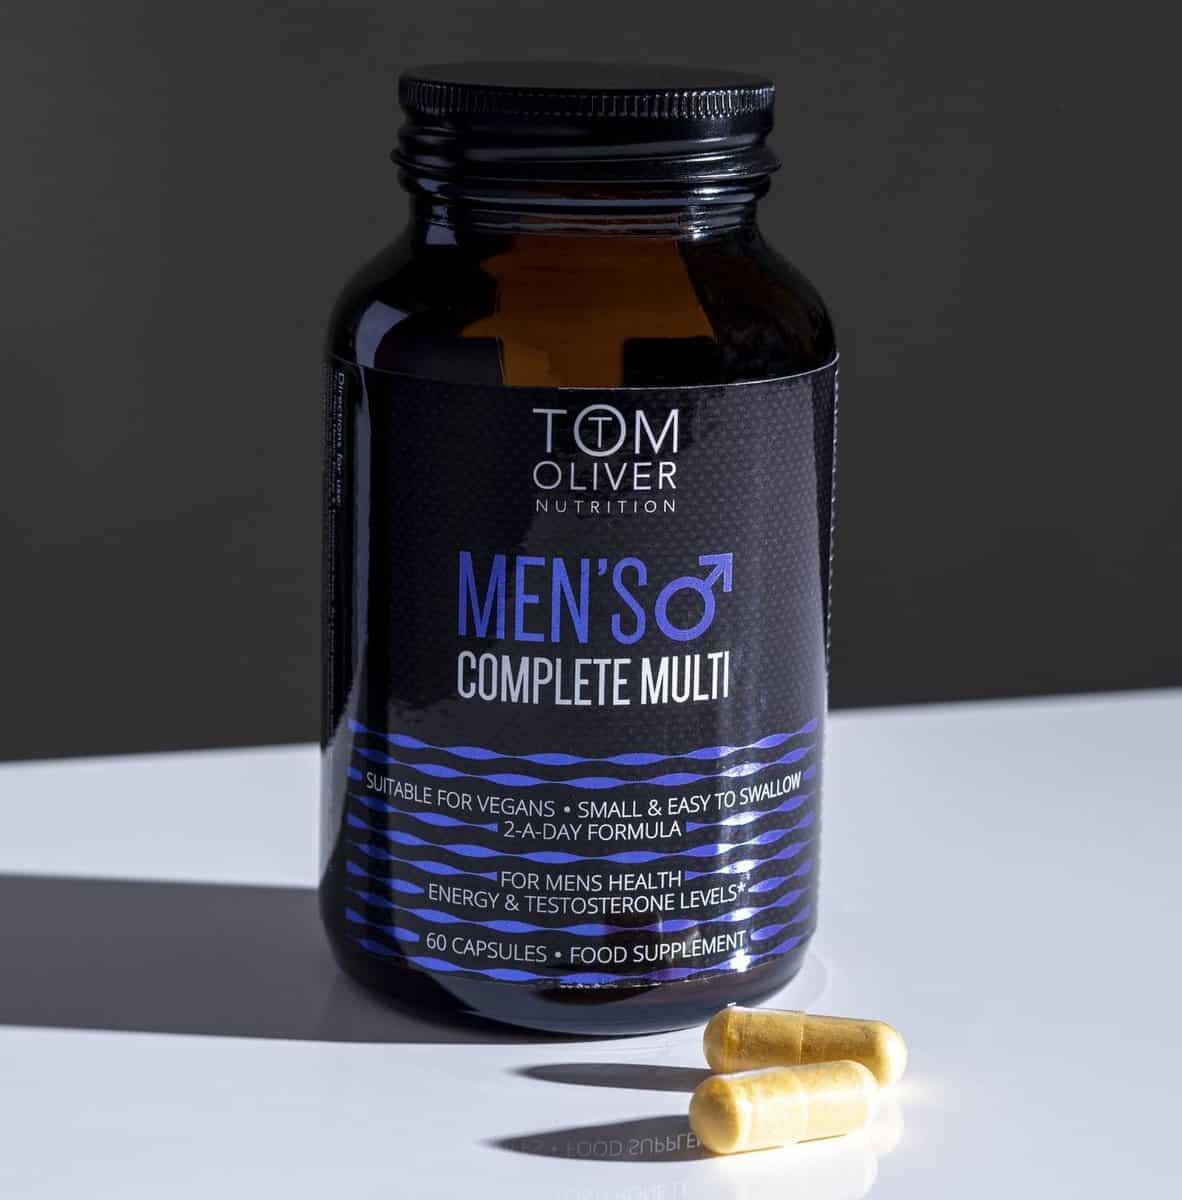 Tom Oliver Nutrition Men's Complete Multivitamin